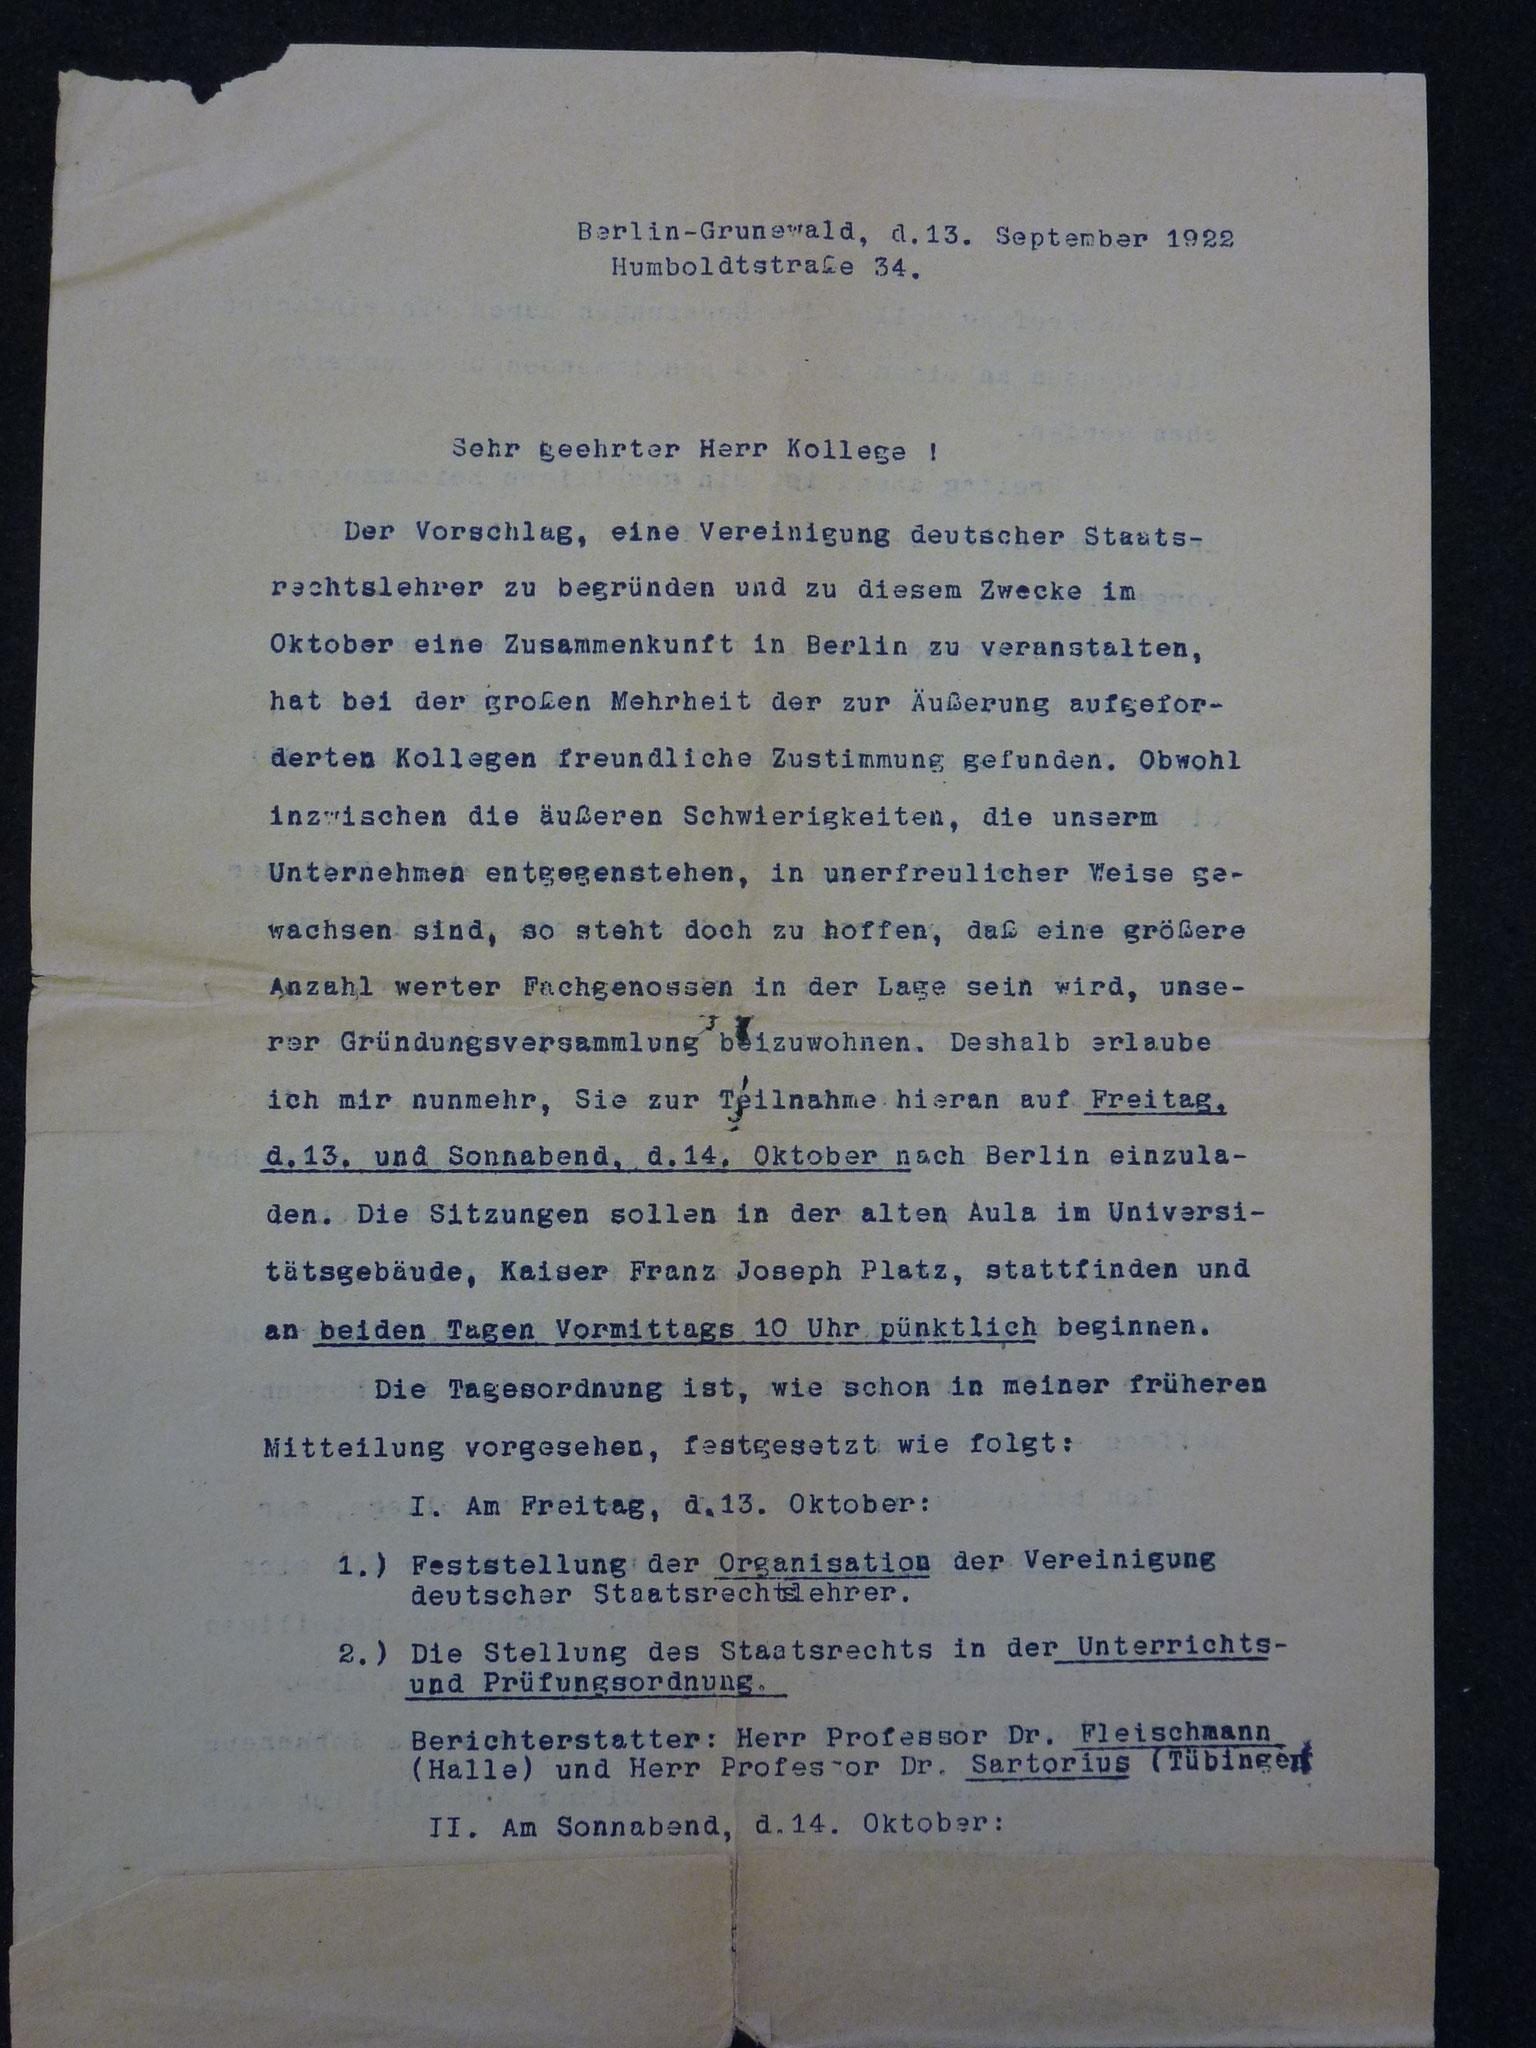 Brief von Triepel zum Vorschlag der Gründung der Vereinigung 1922 / 1